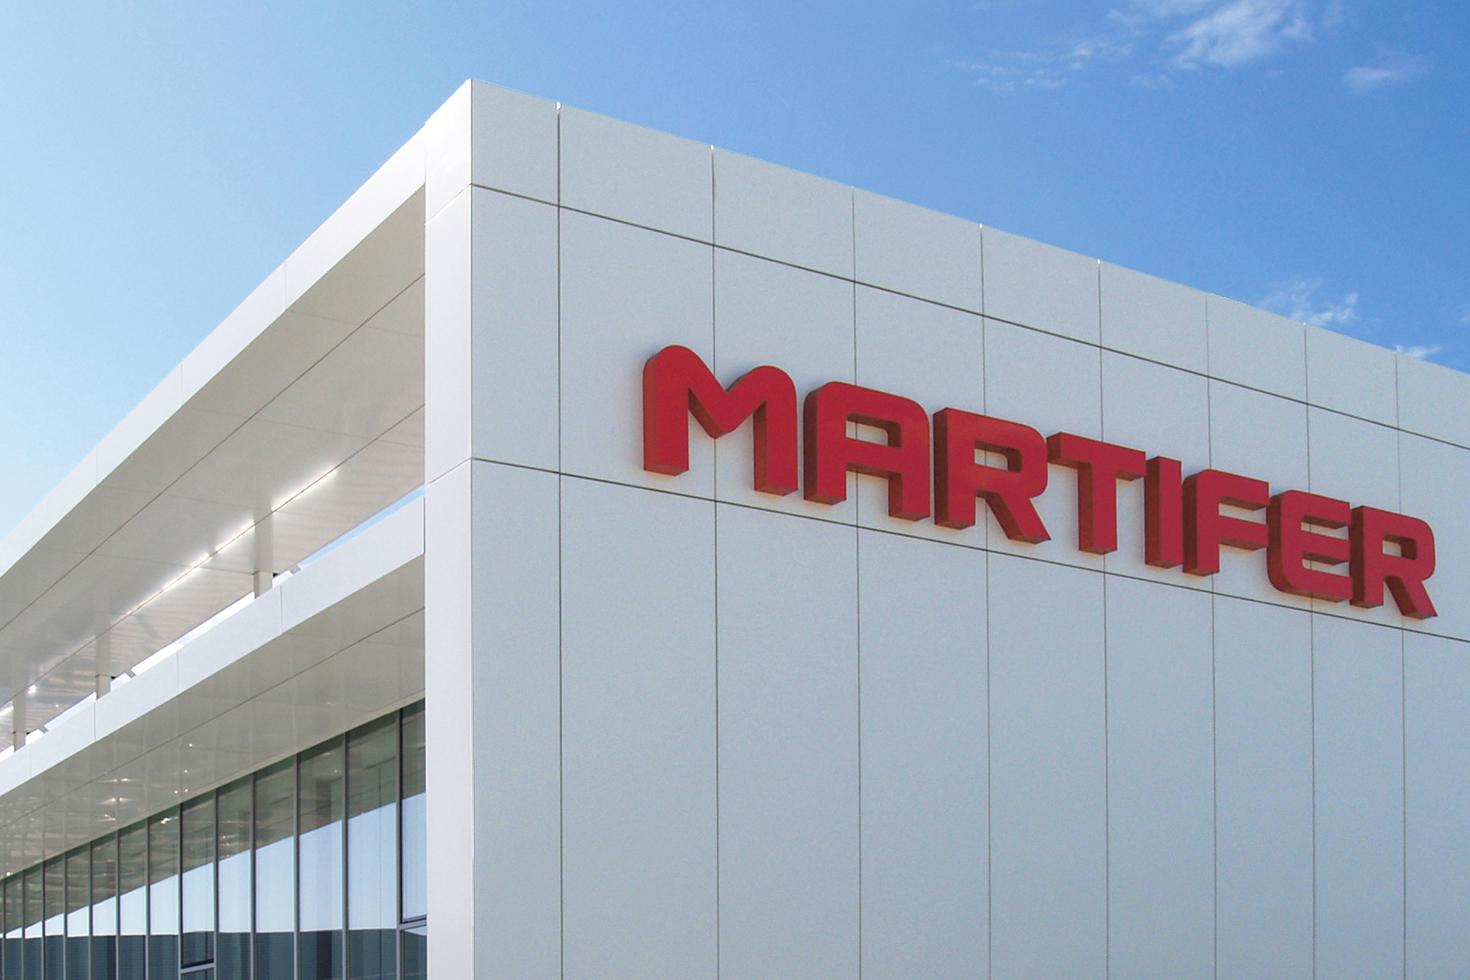 Martifer sign on building